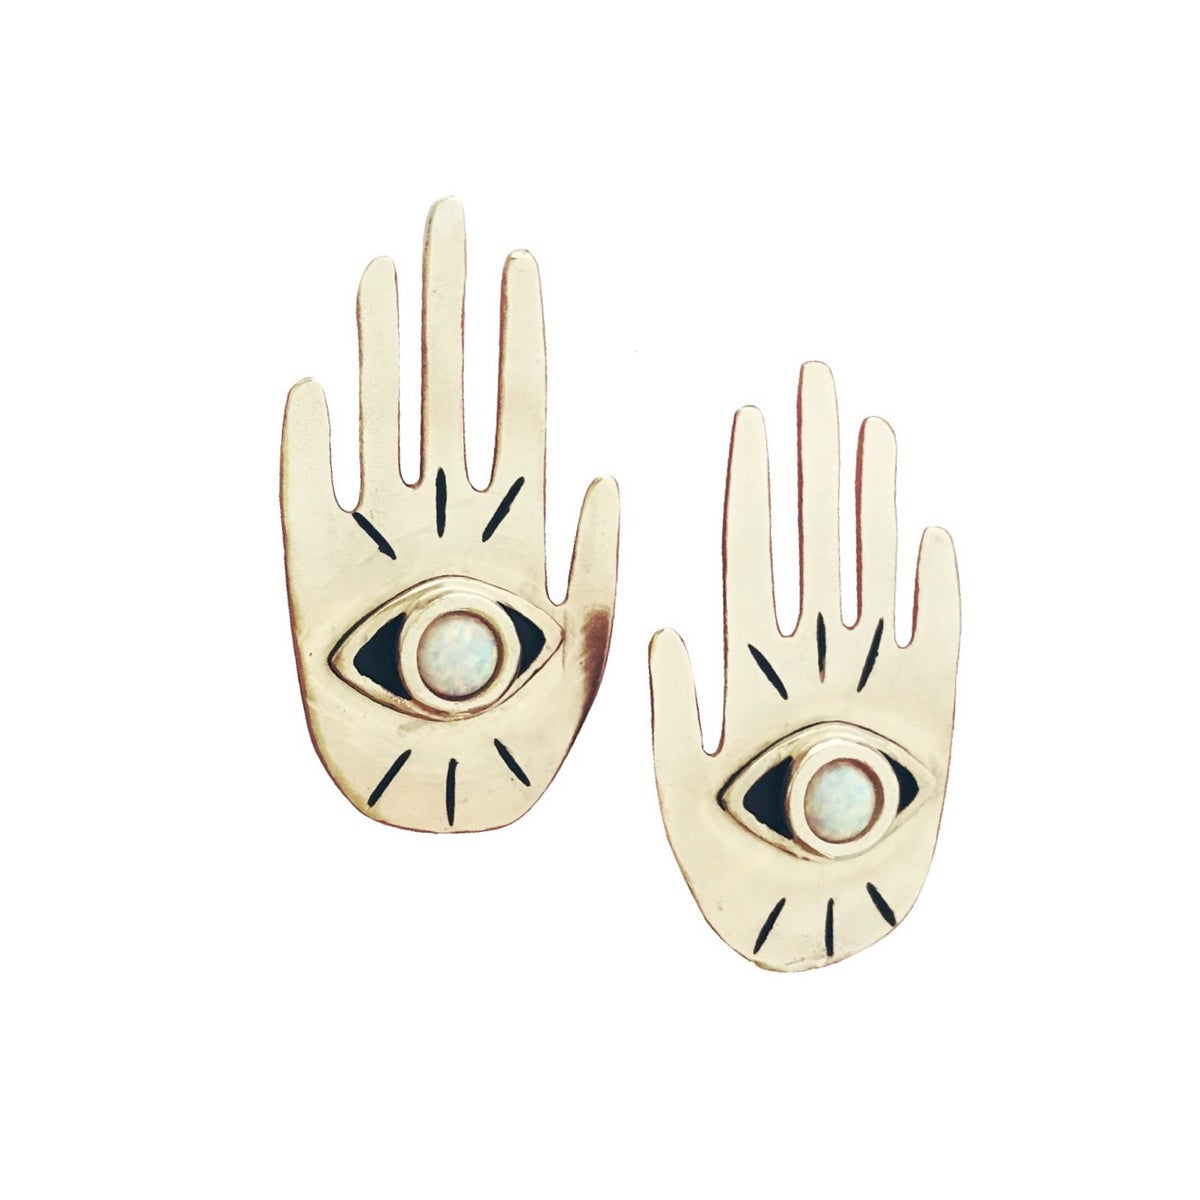 Image of Hand Eye Earrings with Opal